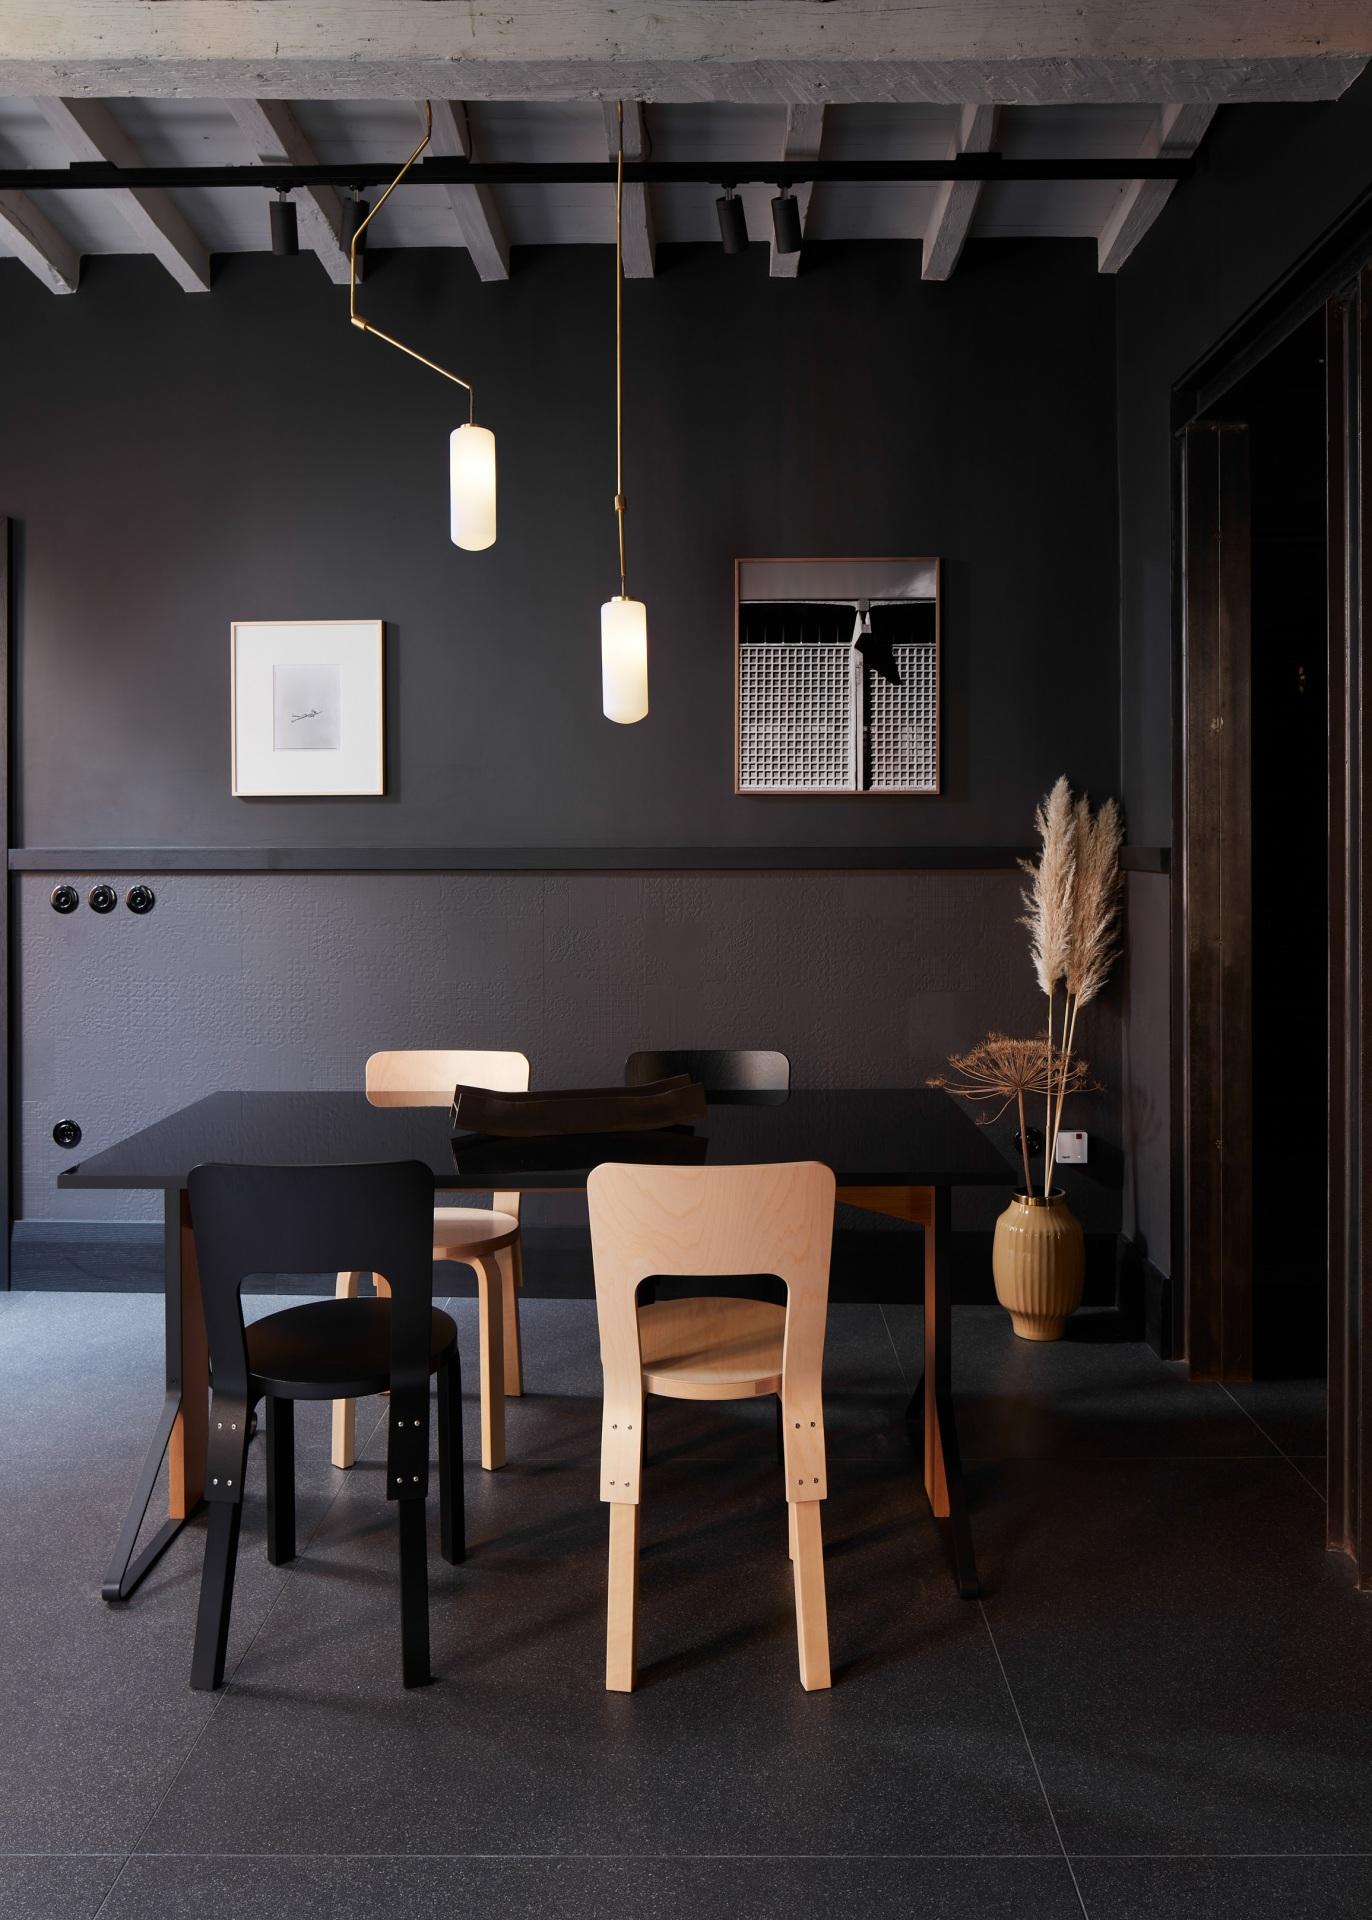 Casa_Mutina_Modena_designalive-20